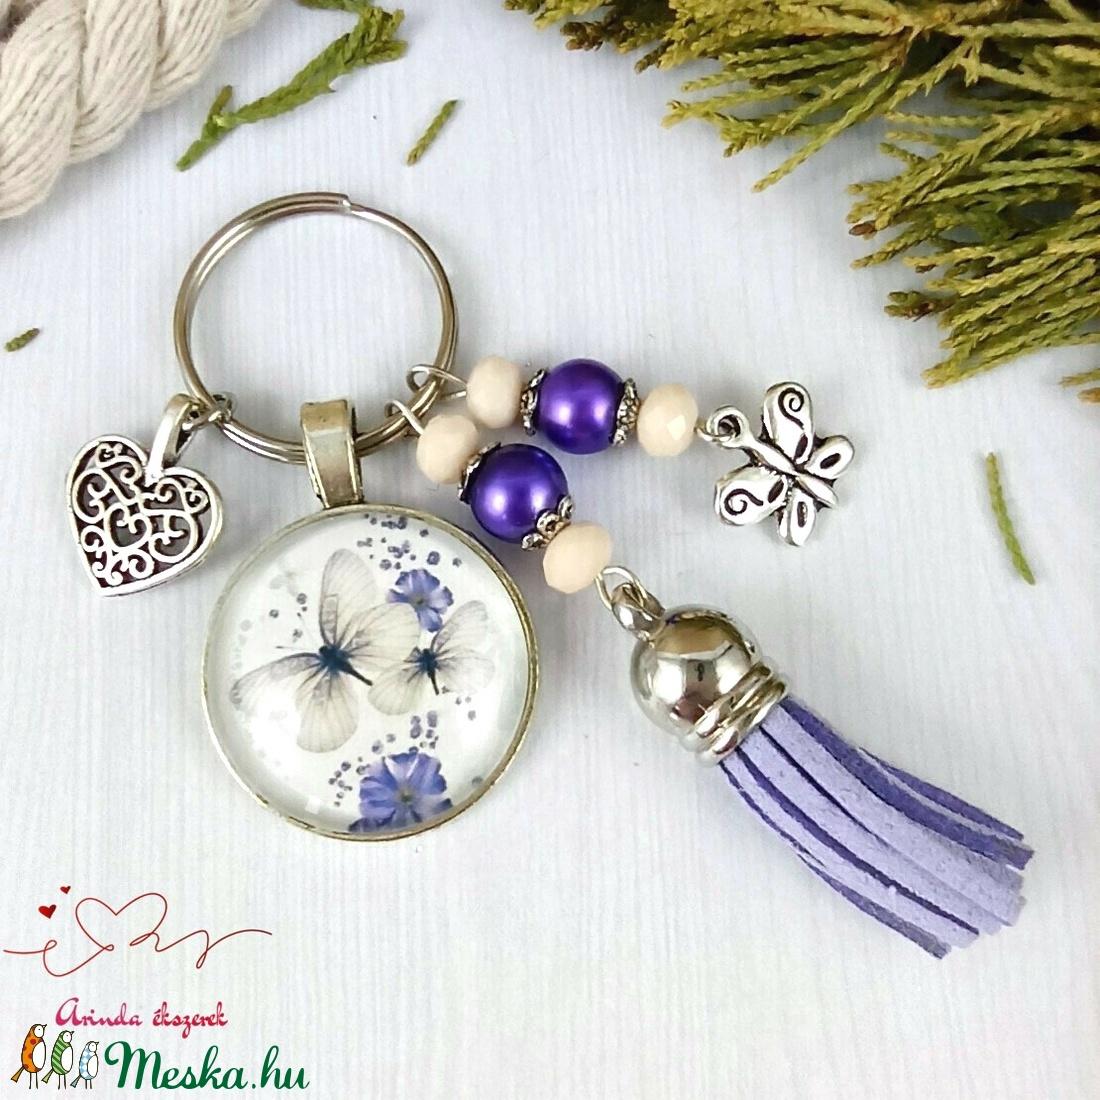 Pillangók lila bojtos üveglencsés kulcstartó táskadísz bojtos nyár mikulás karácsony szülinap névnap ajándék  - táska & tok - kulcstartó & táskadísz - táskadísz - Meska.hu